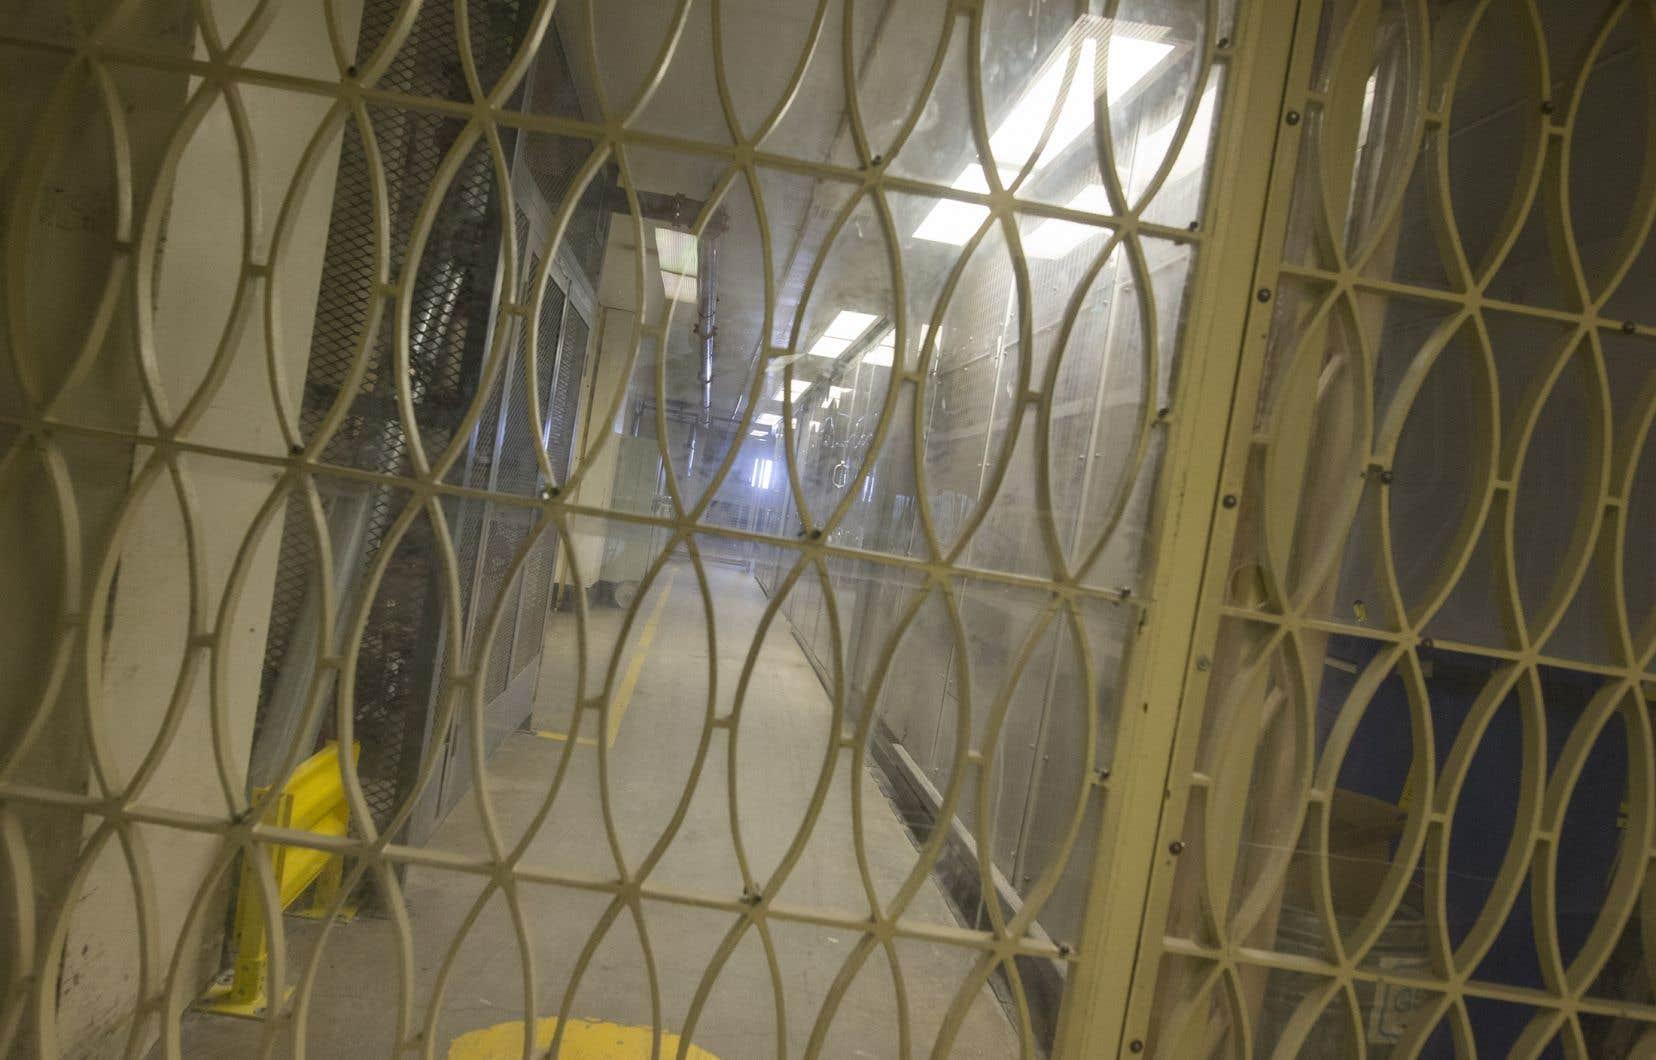 Les visites dans les établissements de détention provinciaux et fédéraux ont été suspendues samedi au lendemain de l'arrêt forcé de plusieurs services.